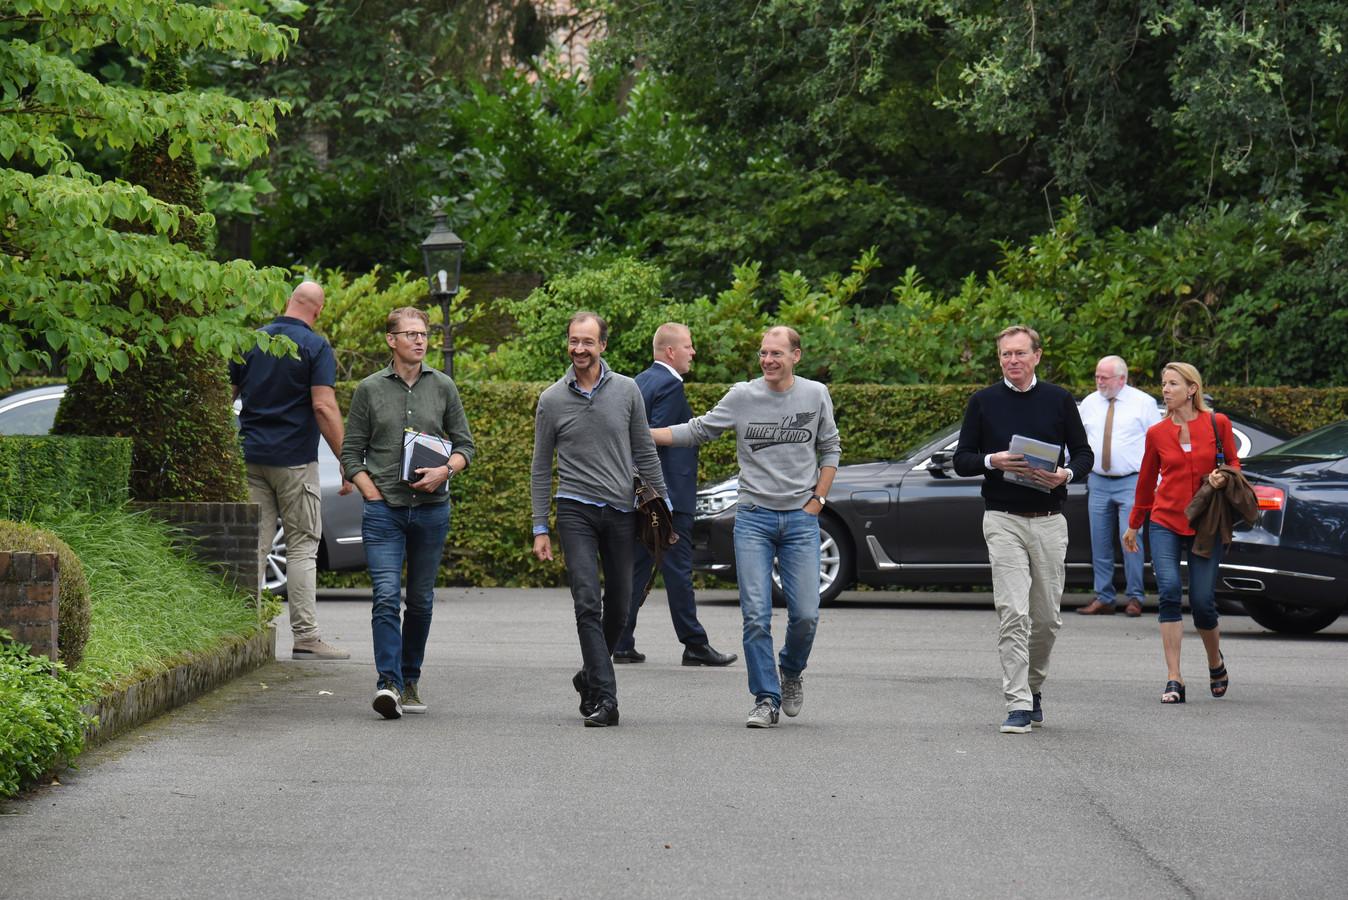 Van links naar rechts: Sander Dekker, Eric Wiebes, Menno Snel, Bruno Bruins en Stientje van Veldhoven.